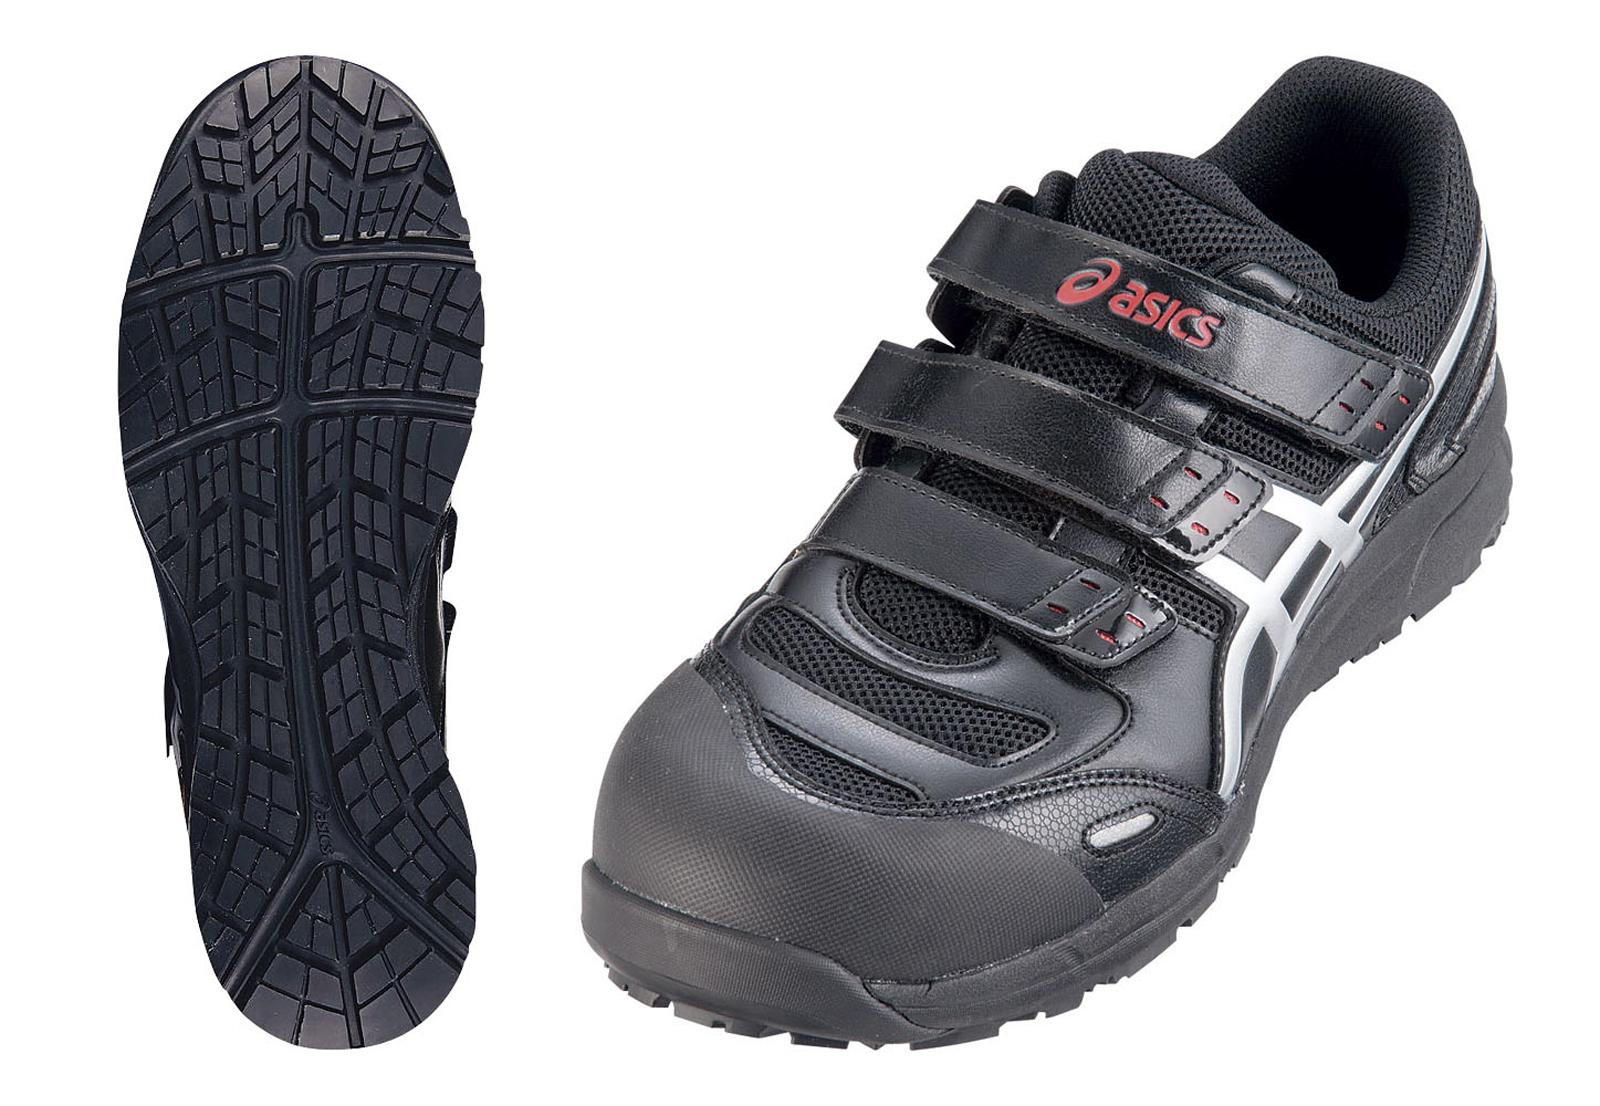 アシックス ウィンジョブ安全靴CP102 BK×シルバー 24.5cm 6-1309-0702【厨房用品 長靴 白衣 靴 サンダル スリッパ 業務用 販売 通販】[10P03Dec16]